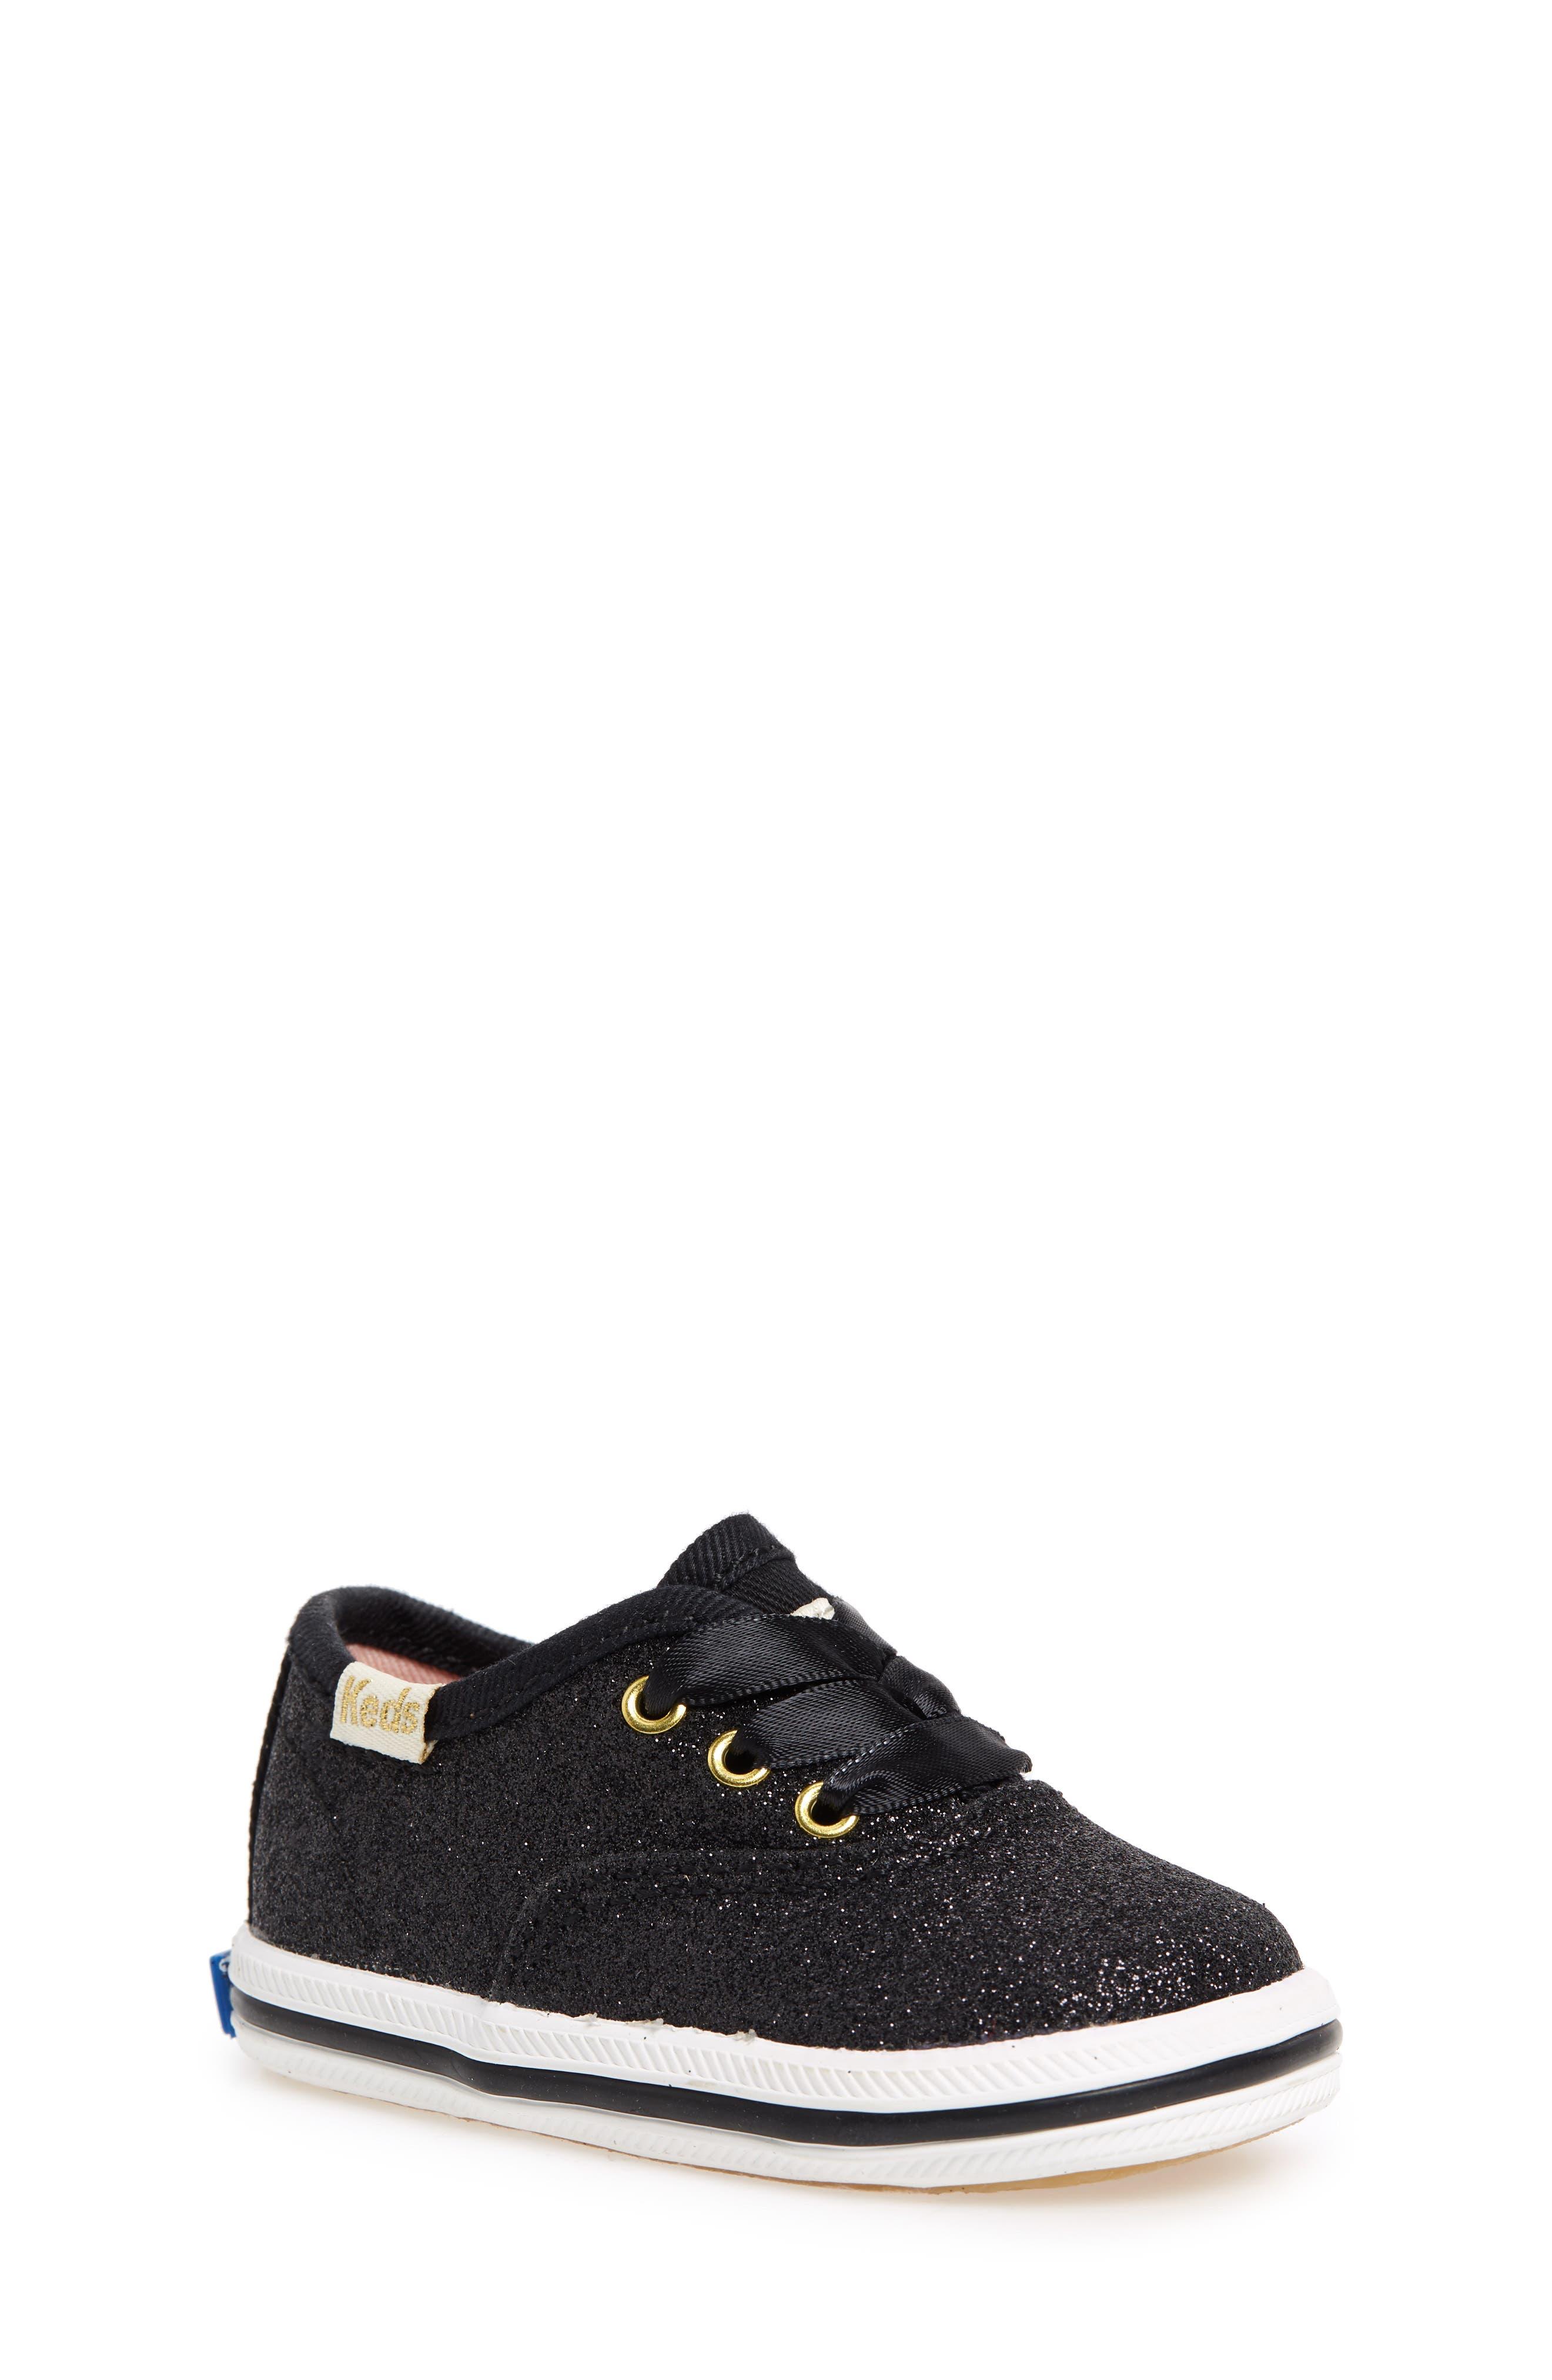 x kate spade new york Champion Glitter Crib Shoe,                             Main thumbnail 1, color,                             Black